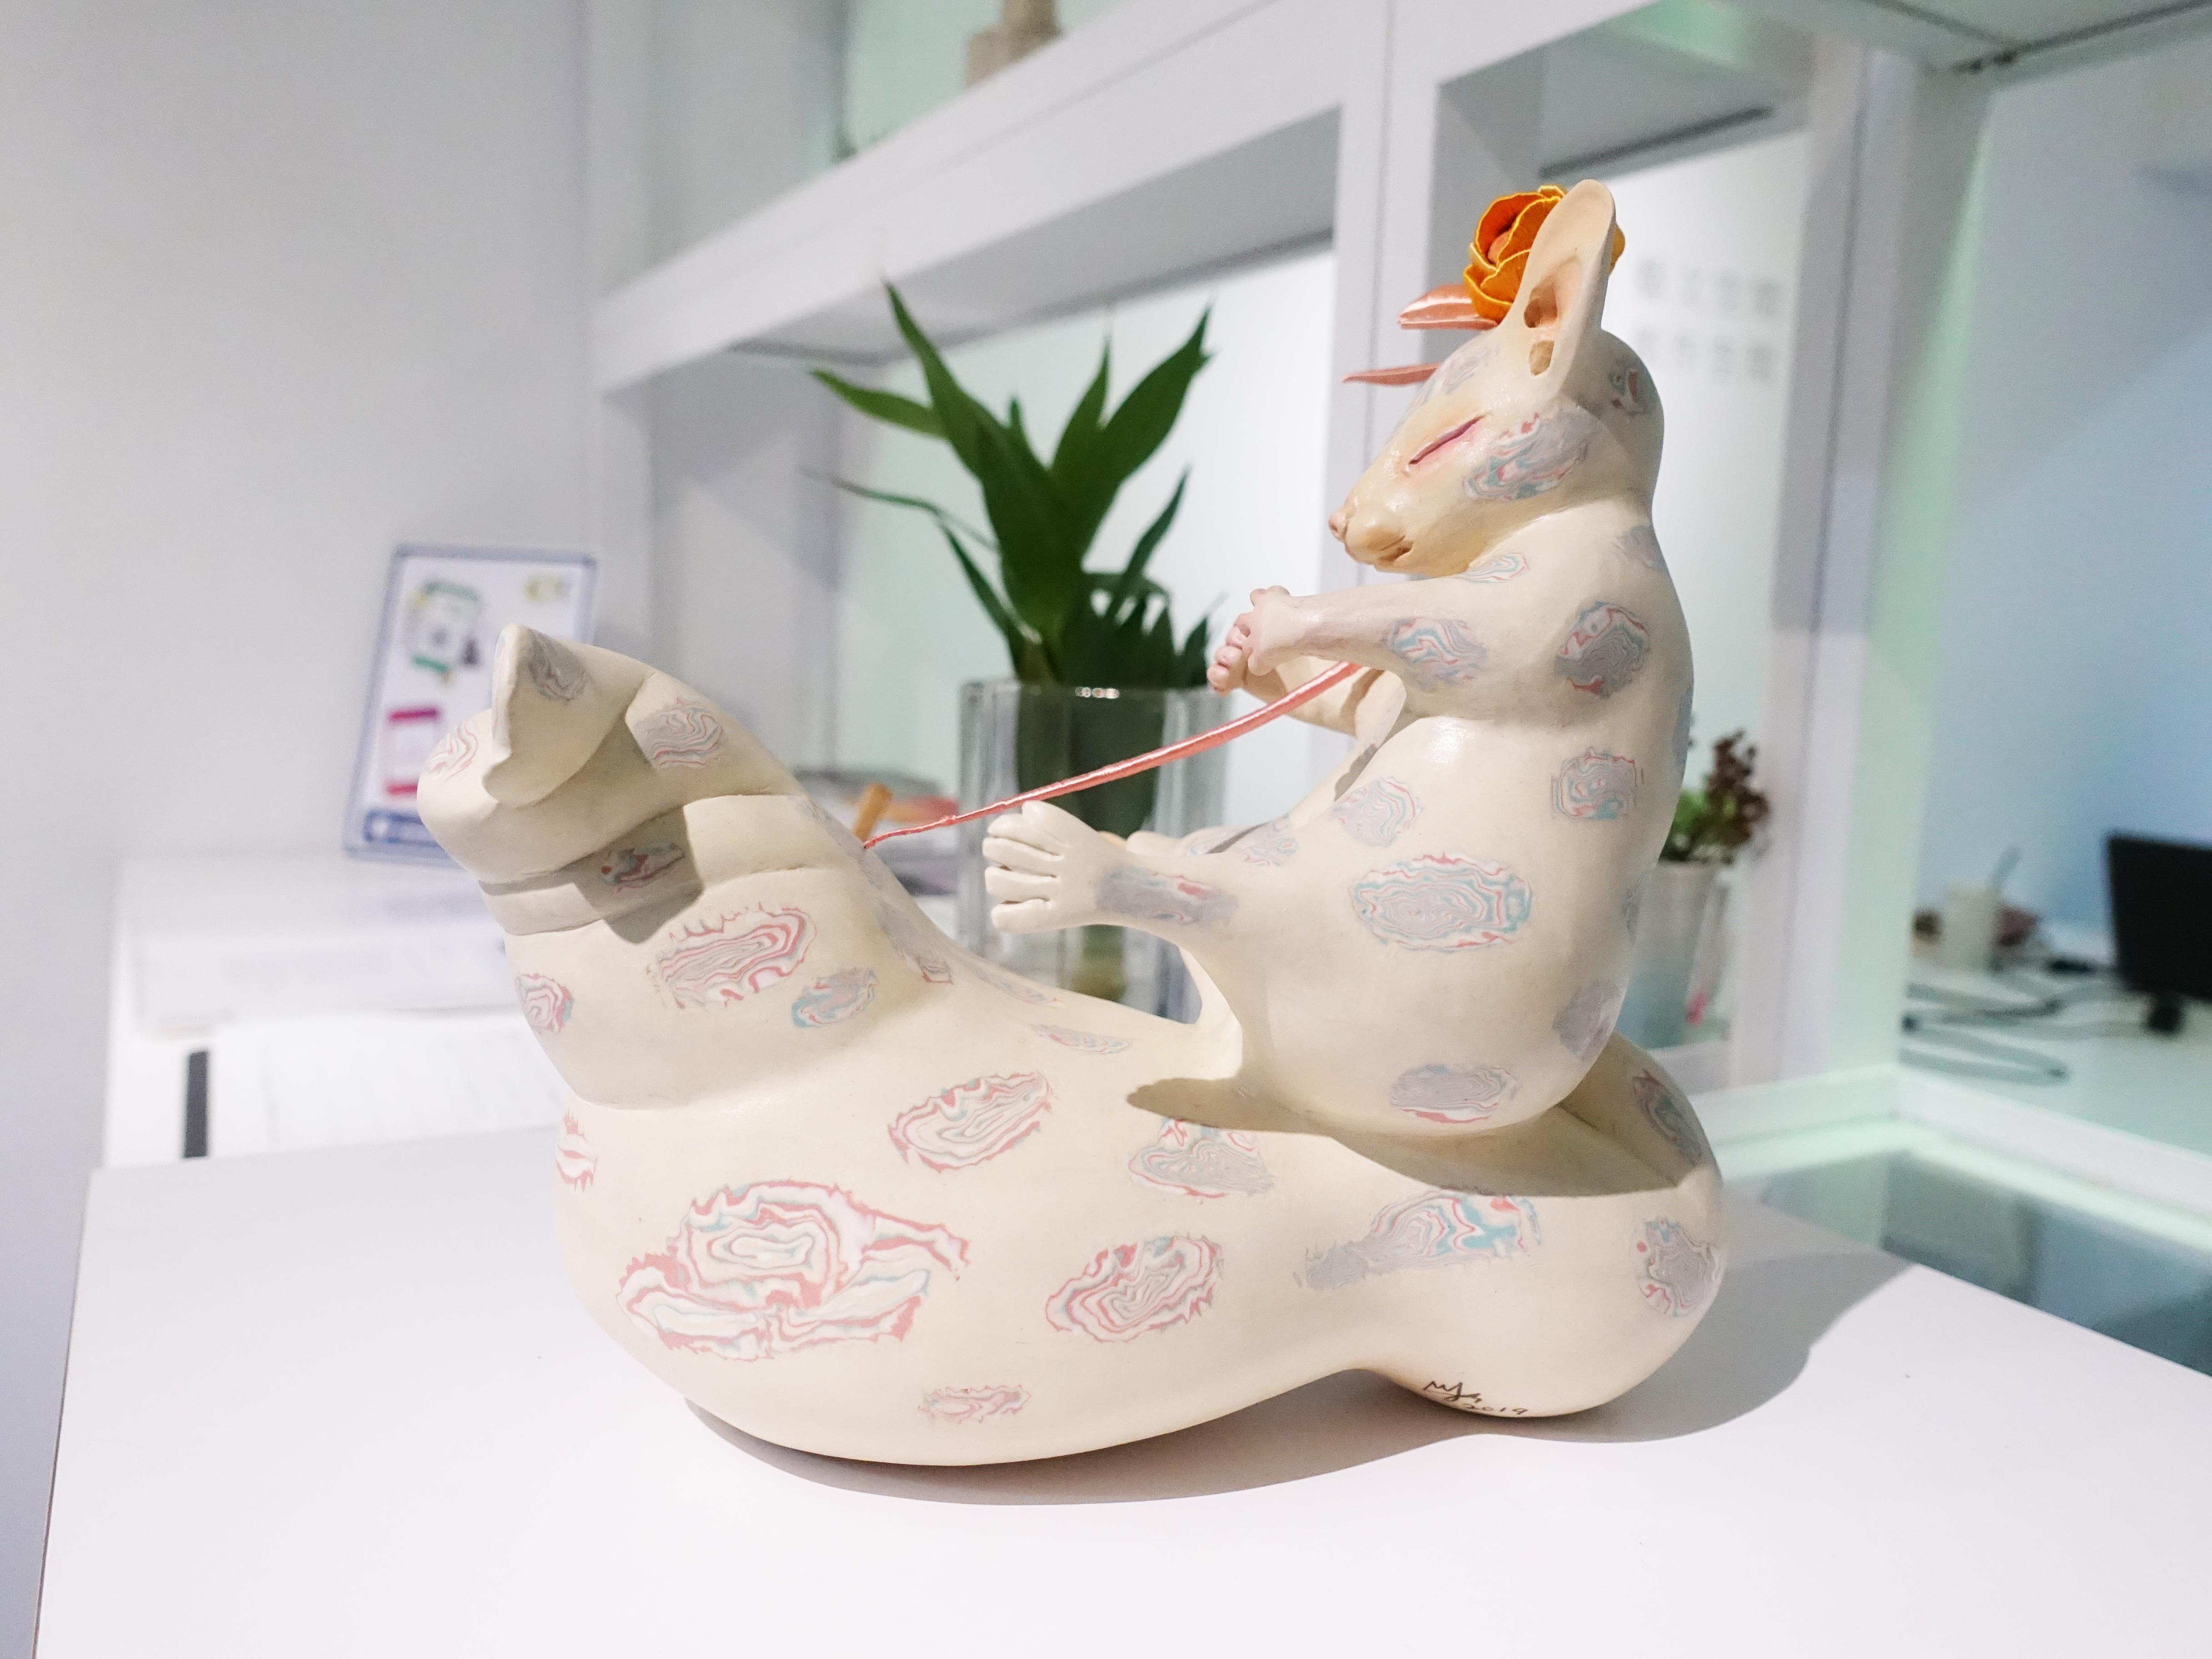 楊宗嘉,《玫瑰王子》,30 x 18 x 28cm,陶瓷、釉下彩、釉上彩、纖維、釉藥,2019。